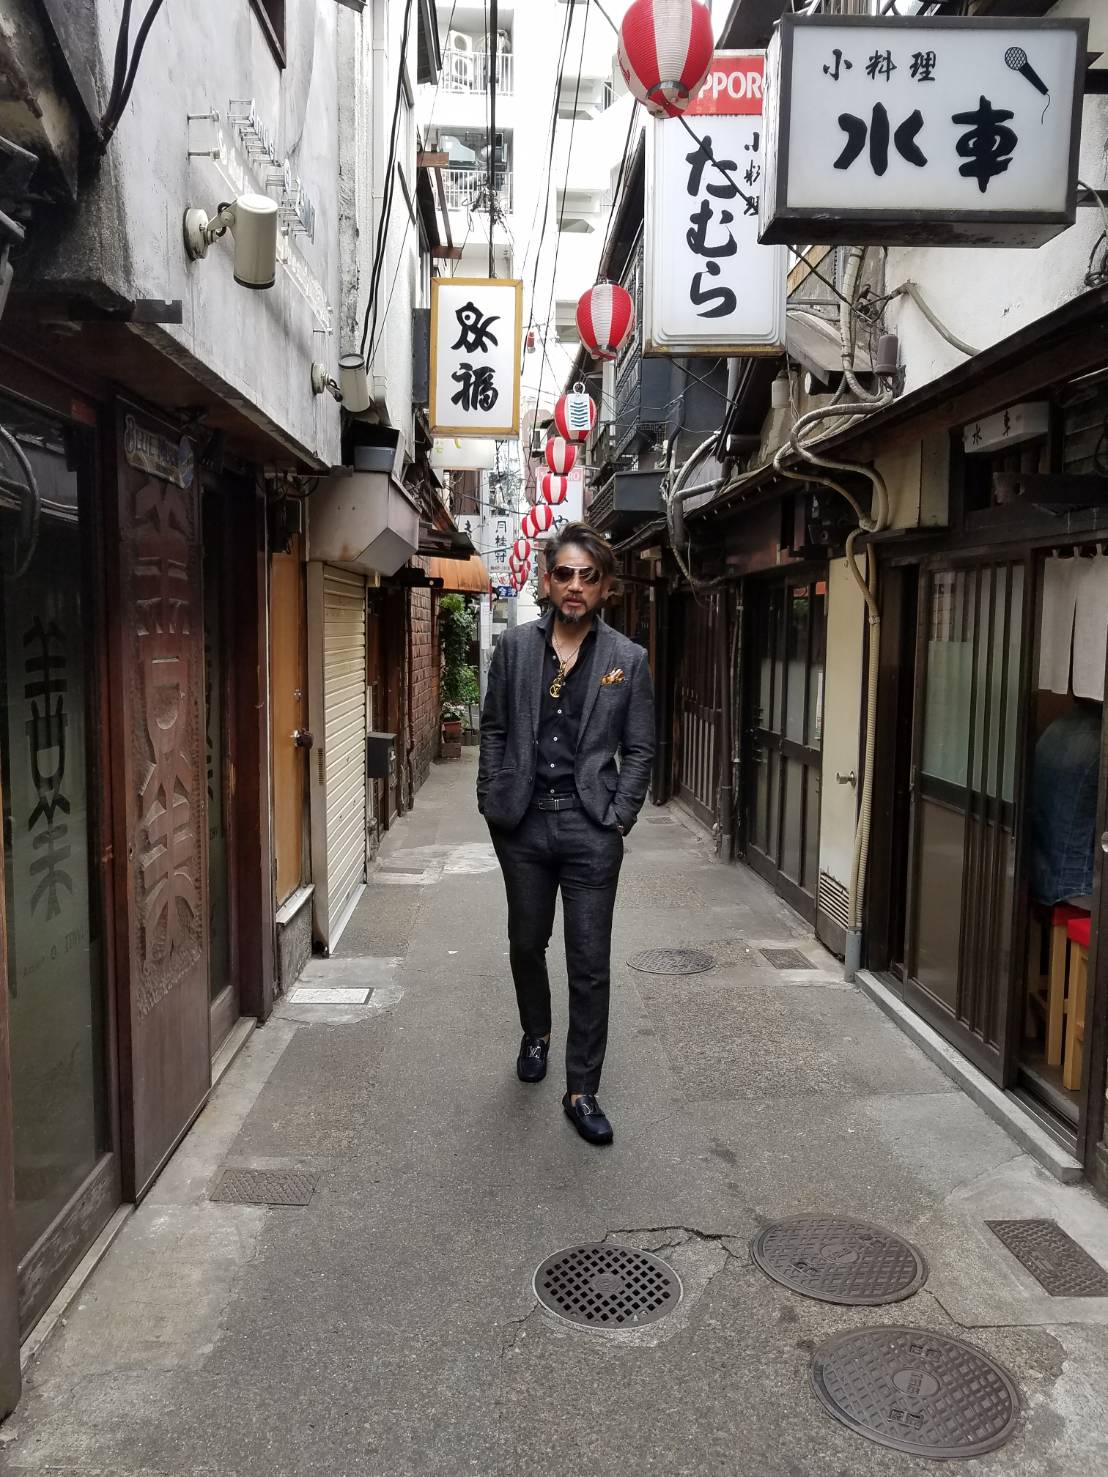 渋谷のんべい横丁_a0019032_21421948.jpg